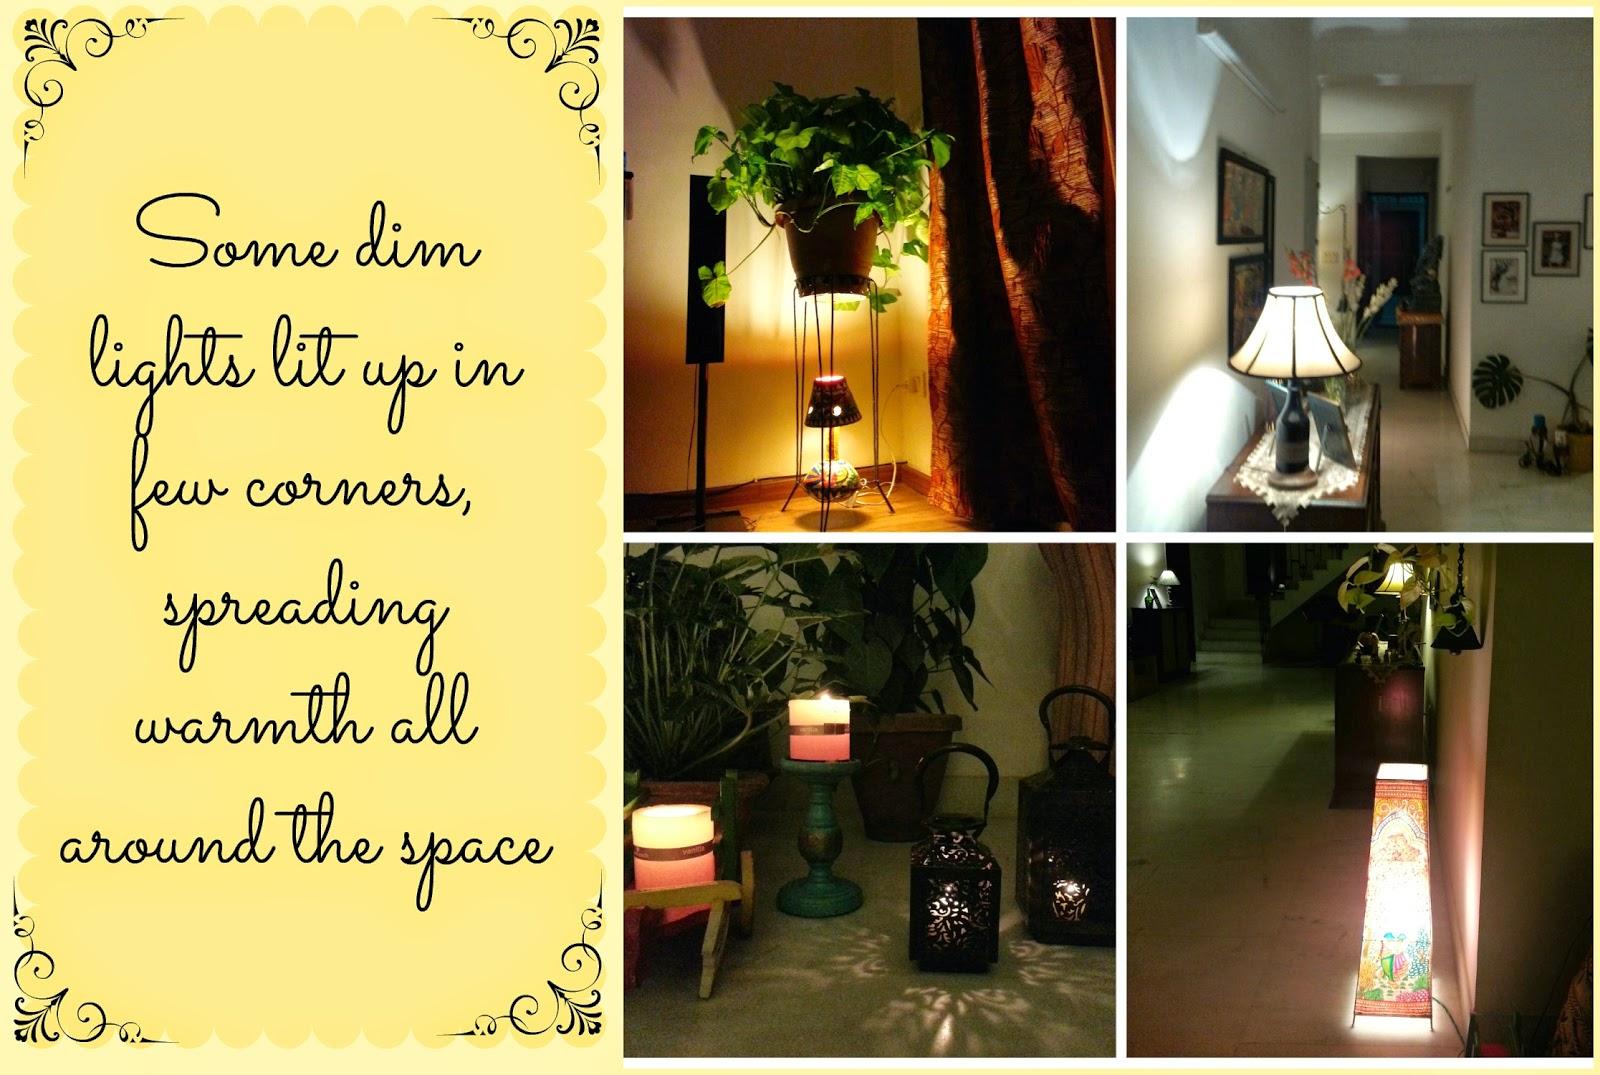 Lamps & Lanterns